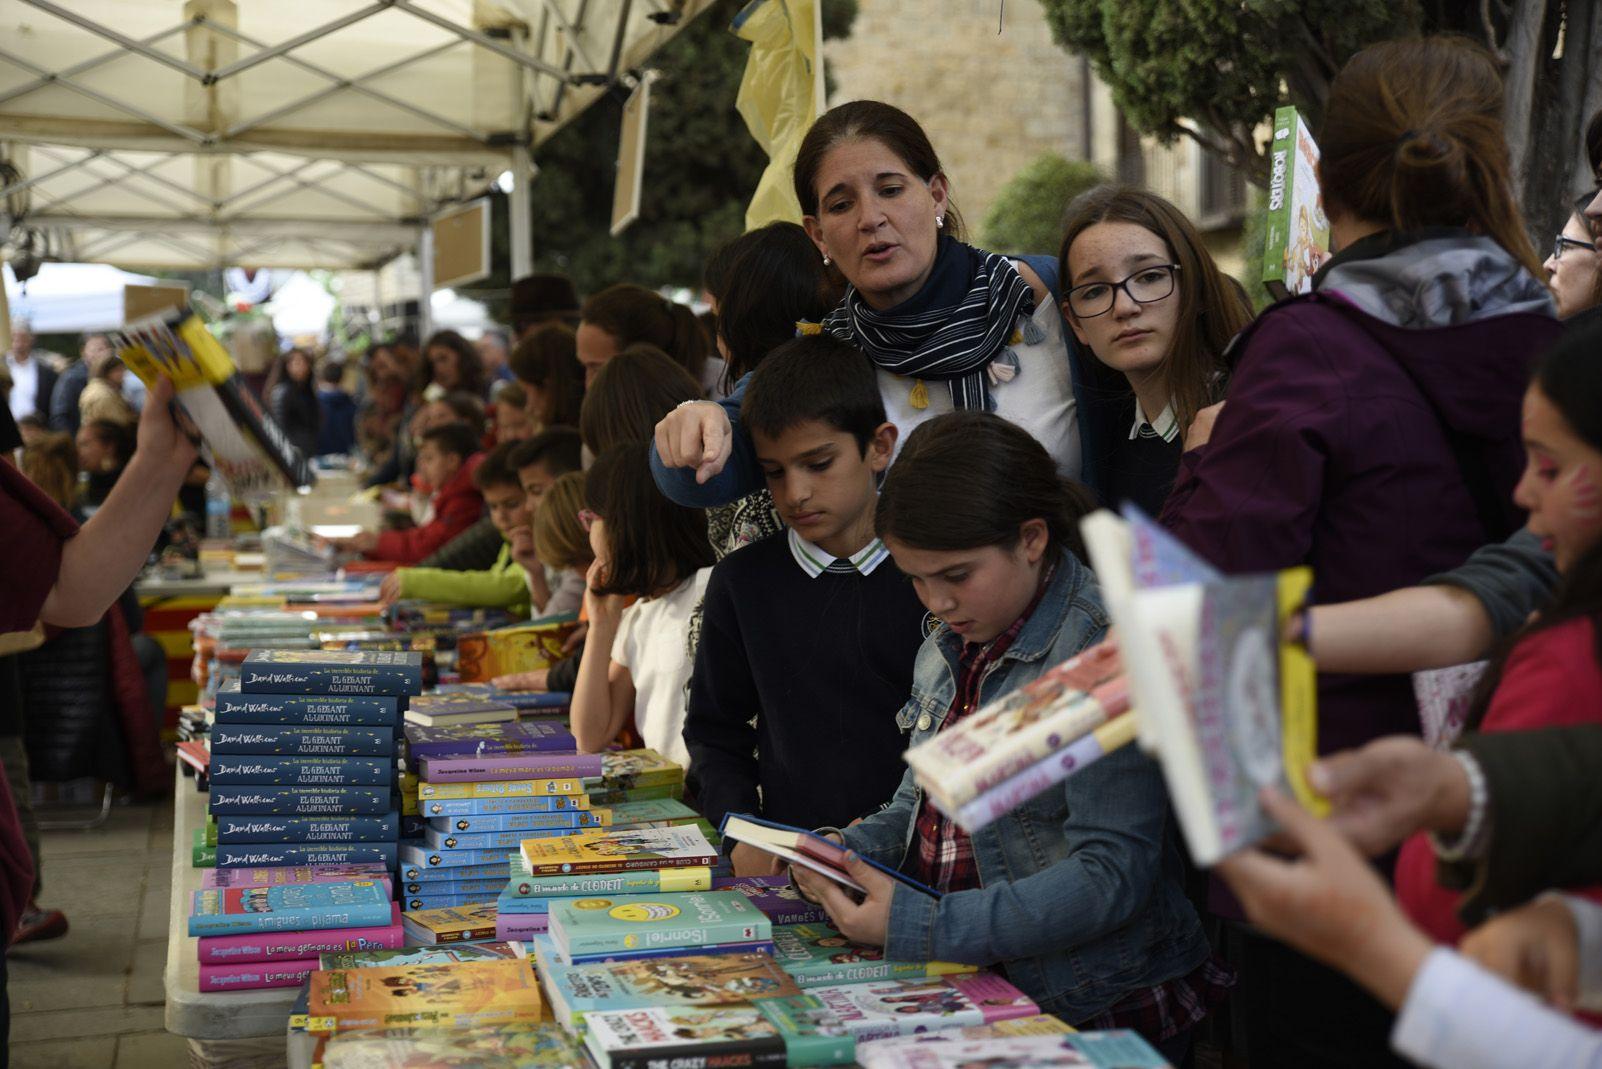 Venda de llibres durant la diada de Sant Jordi. Foto: Bernat Millet.